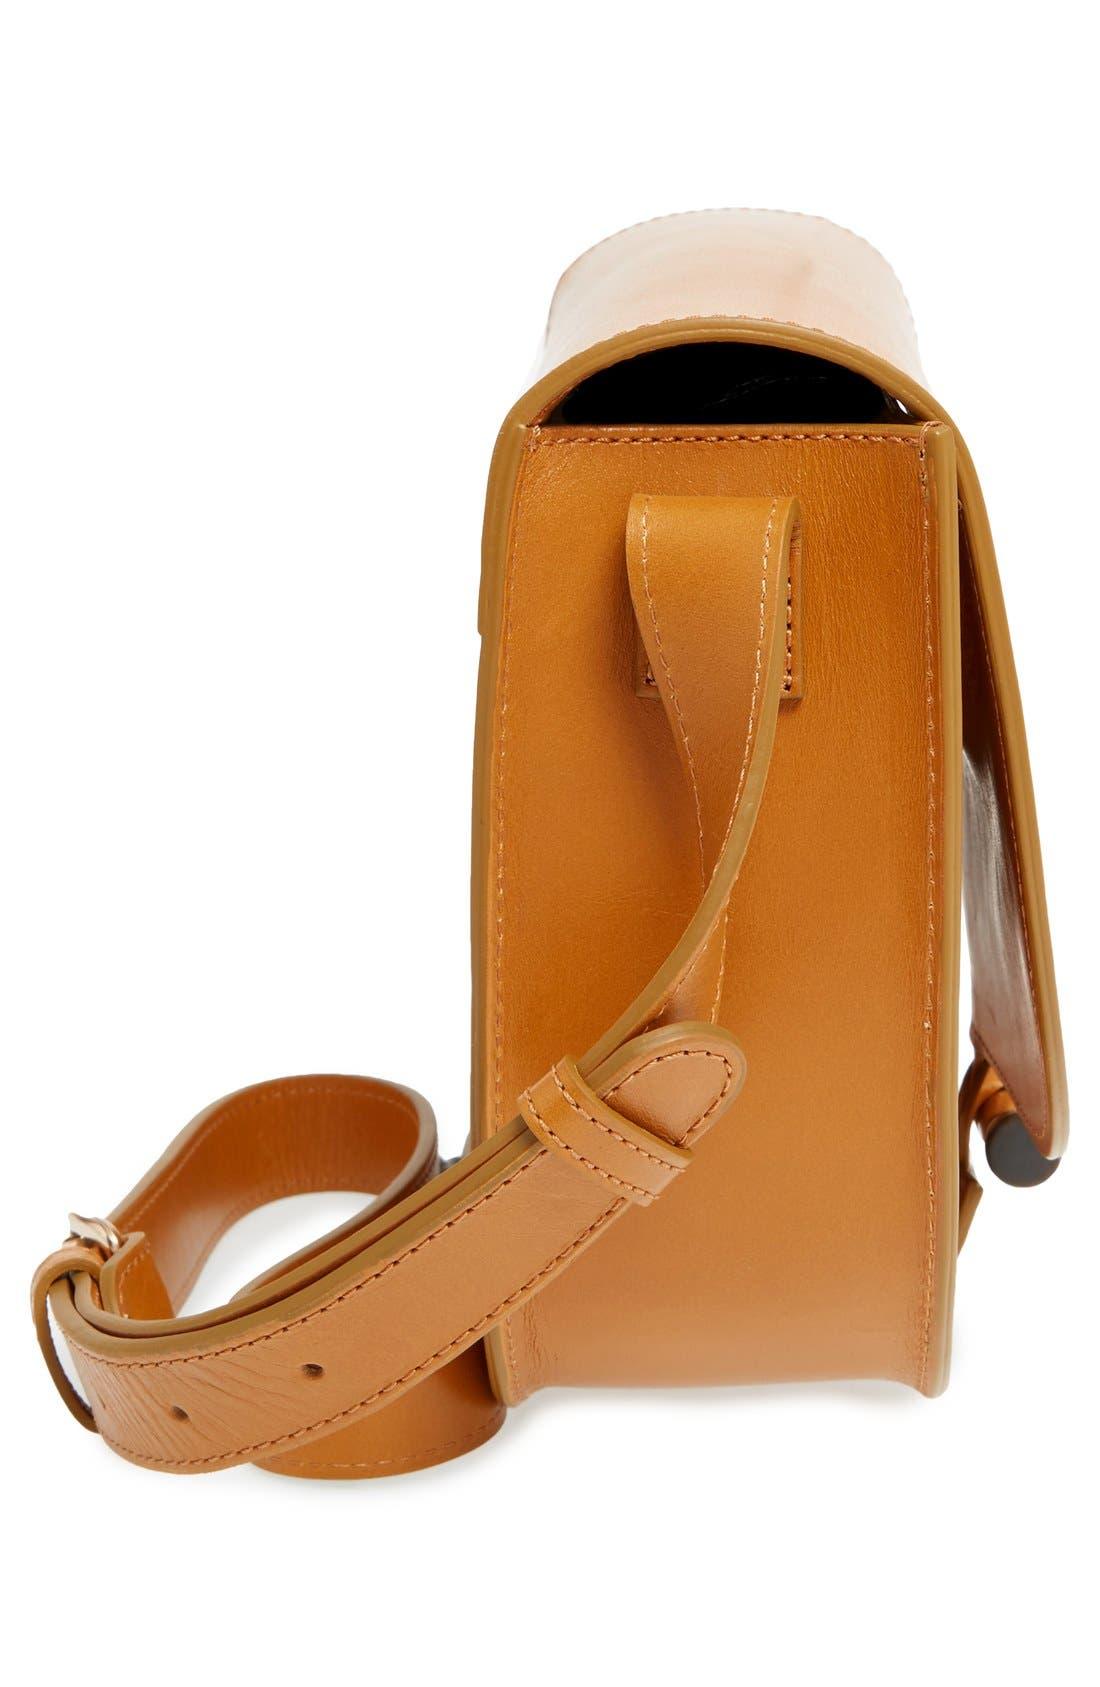 'Sac June' Leather Shoulder Bag,                             Alternate thumbnail 5, color,                             700